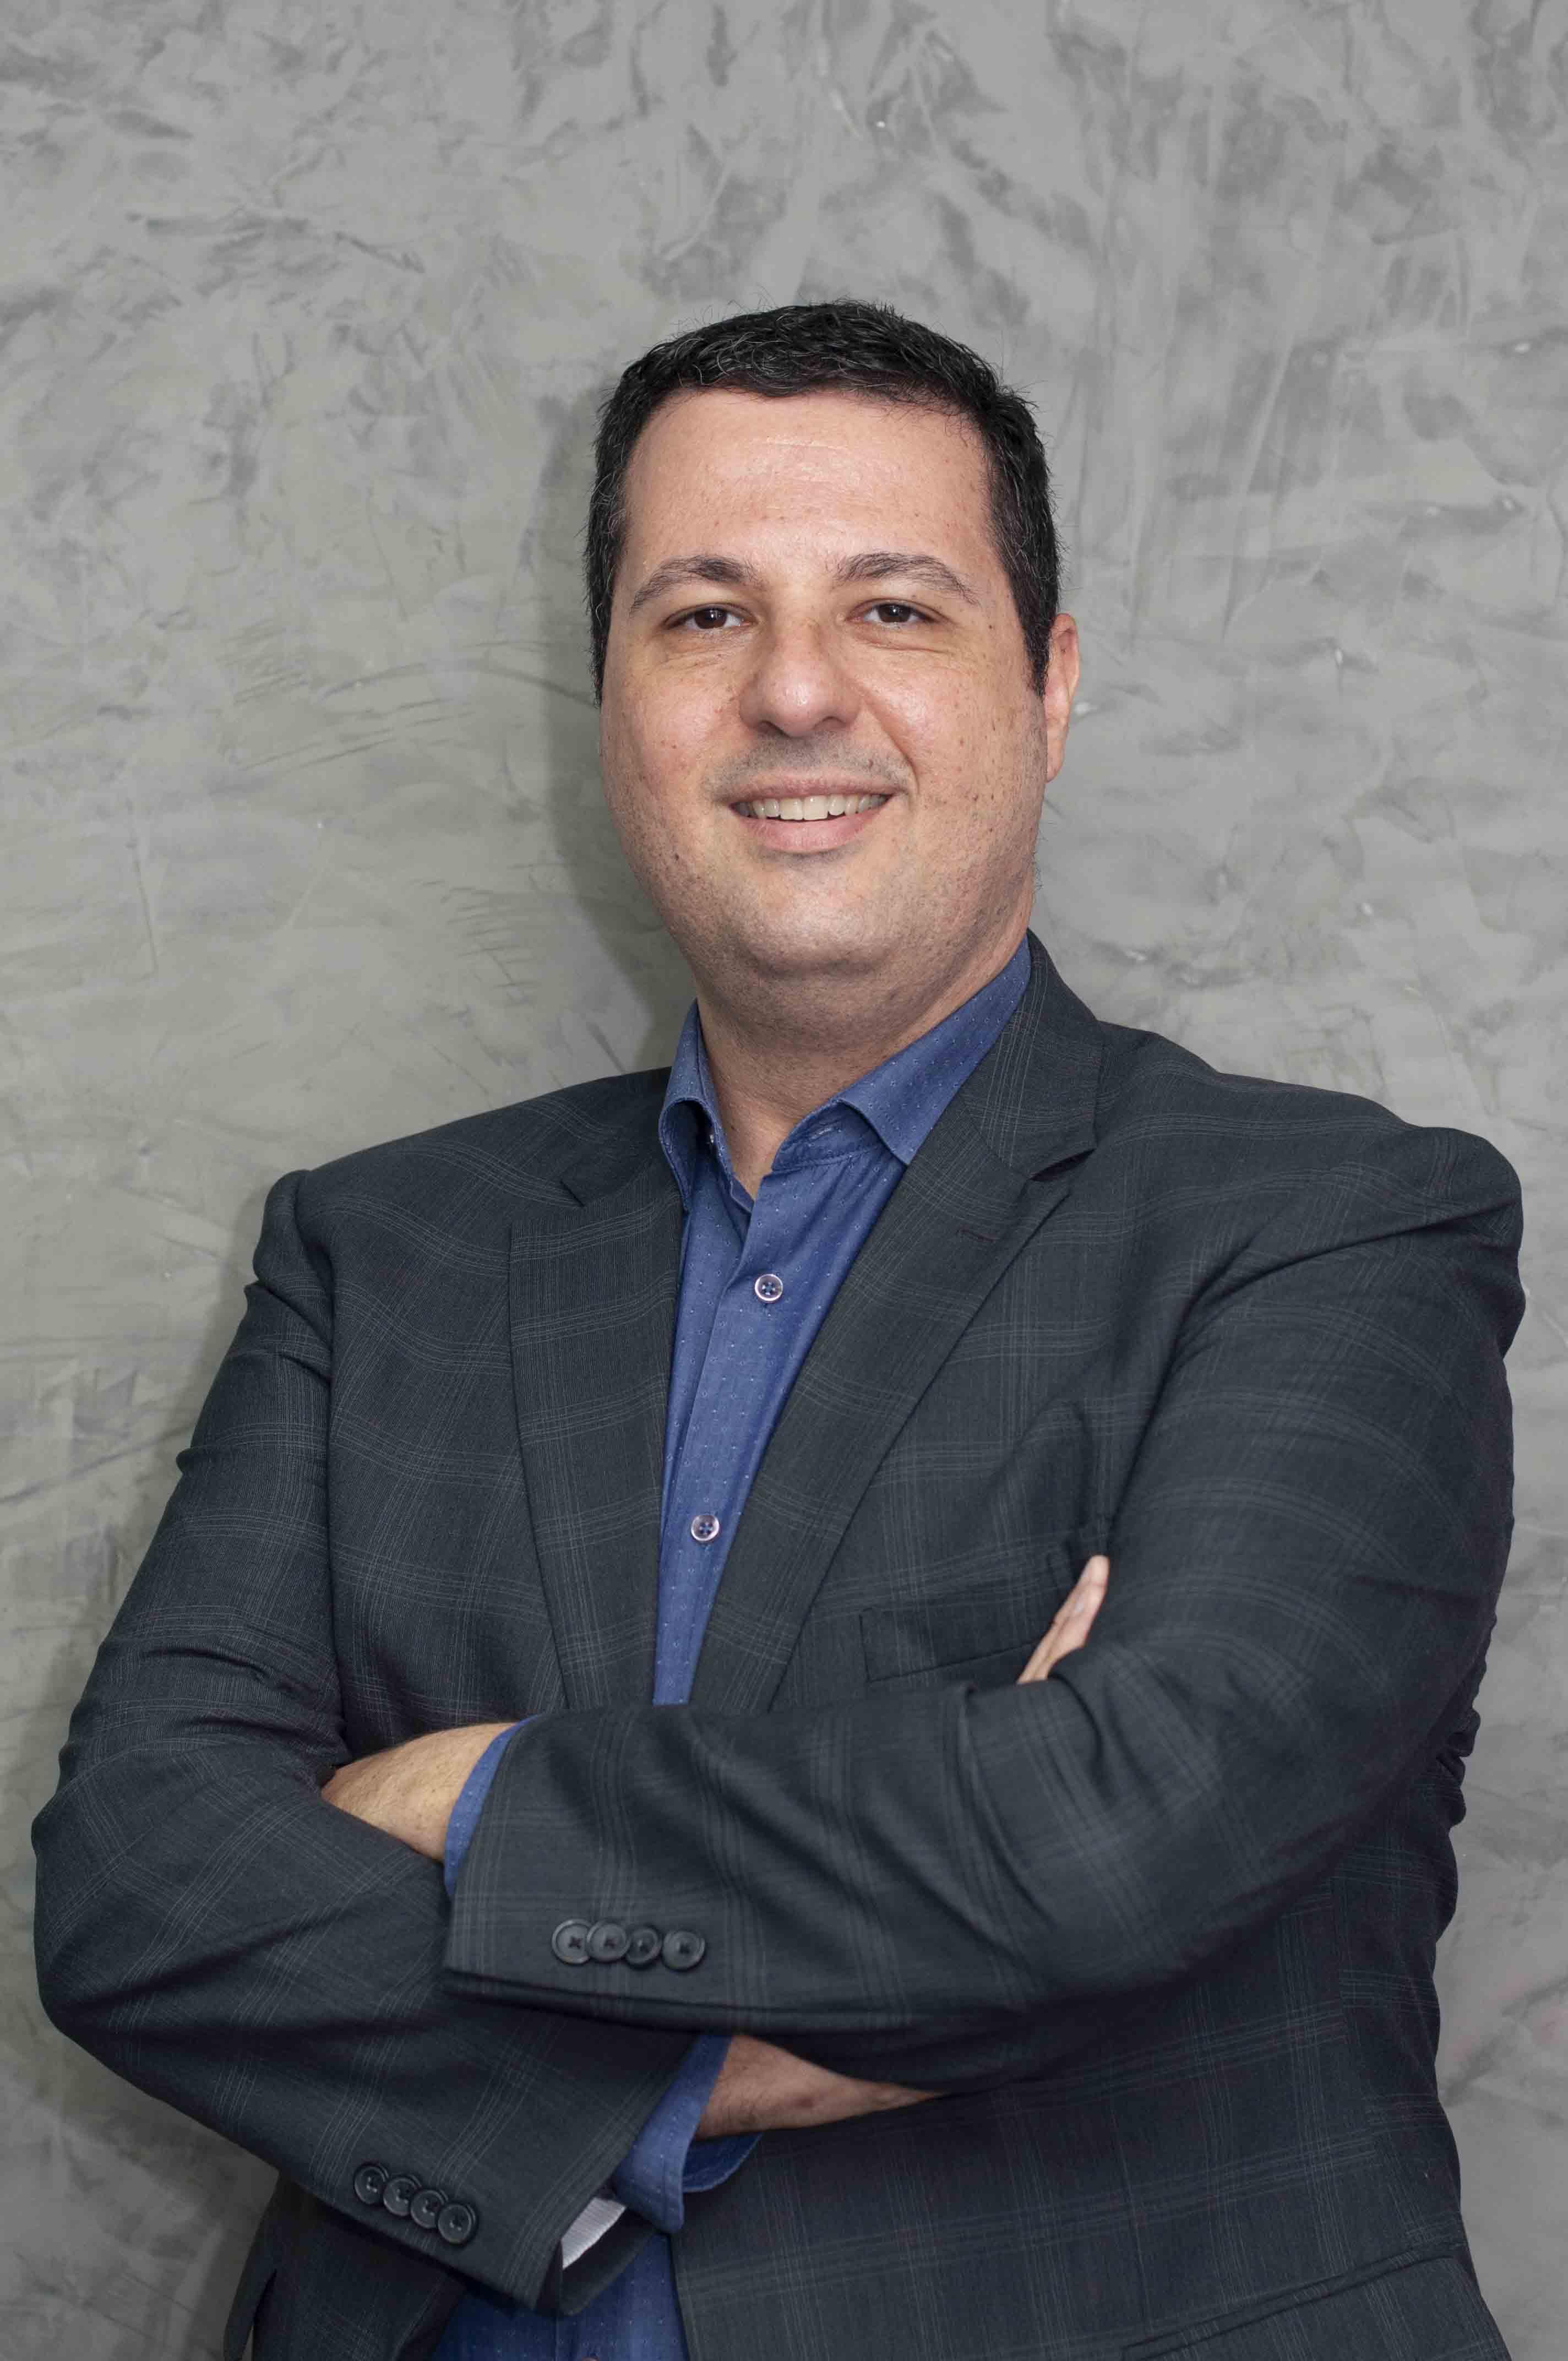 Mauro Monaro Garcia